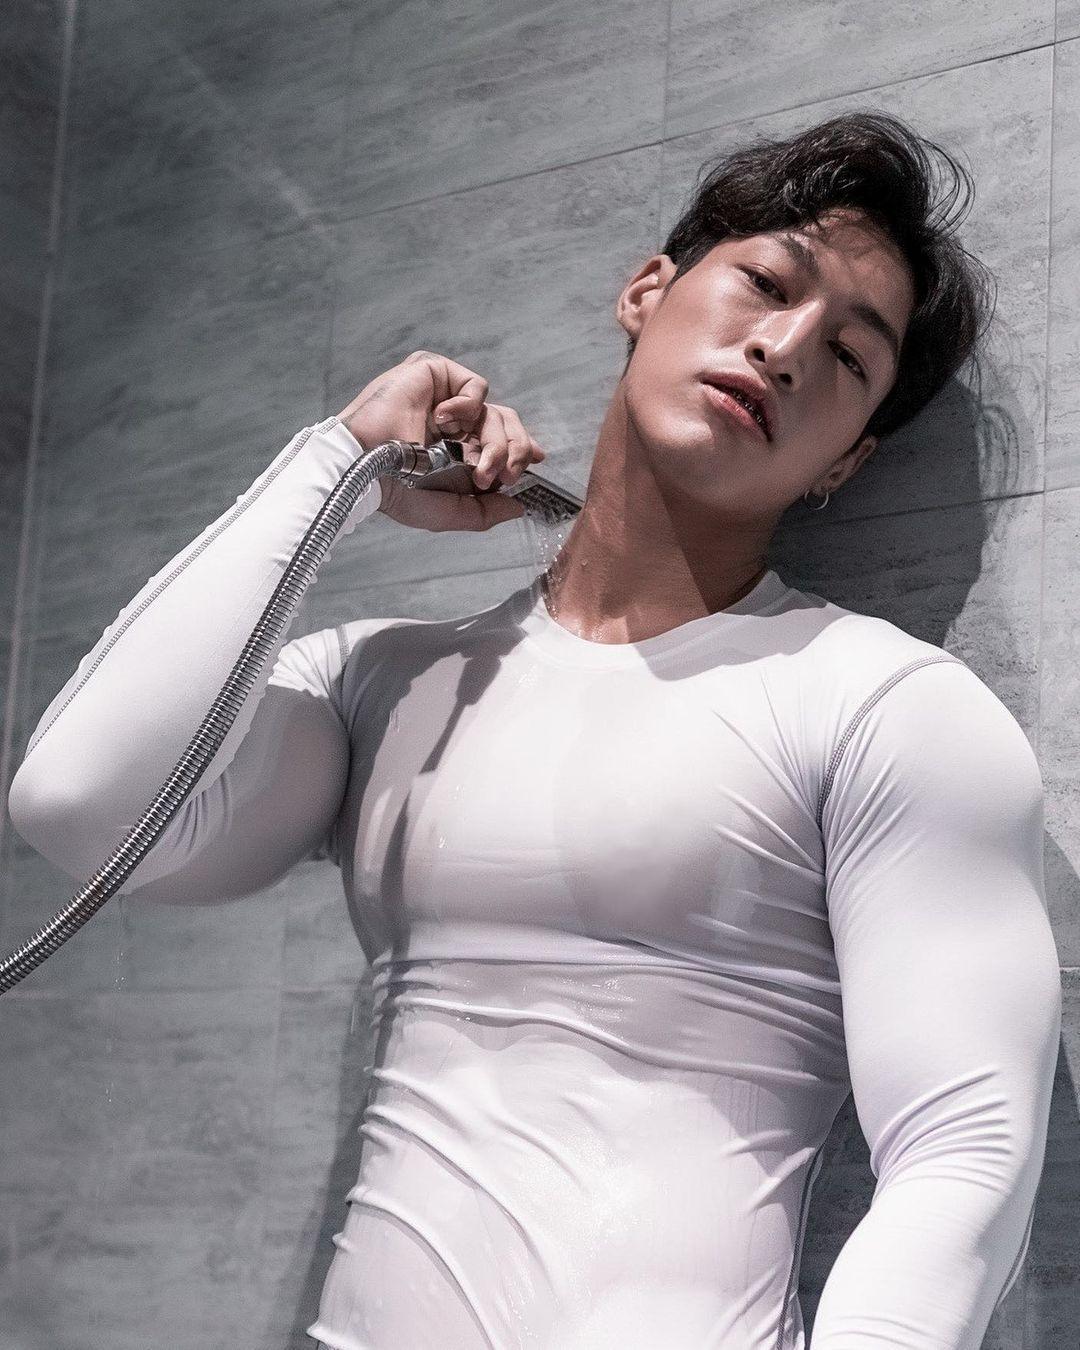 Nueng, gymer trai thẳng Thái Lan xăm mình ngực bự